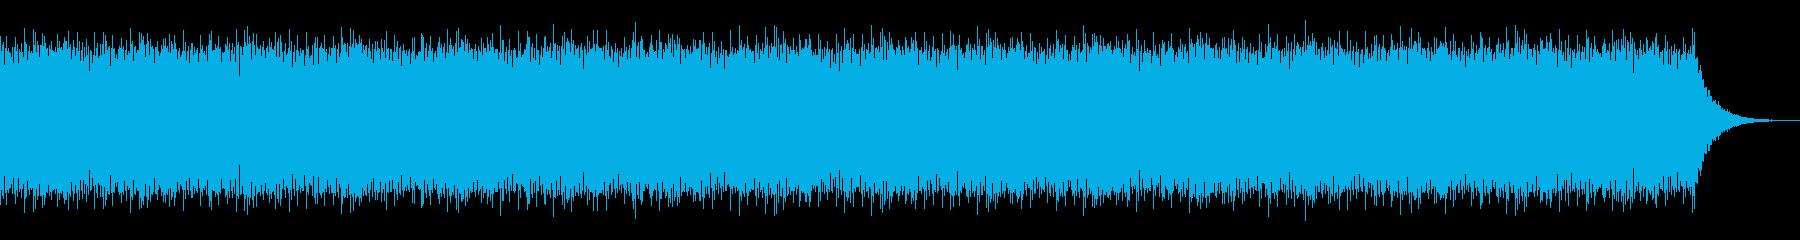 クラブ系ダンスBGMの再生済みの波形